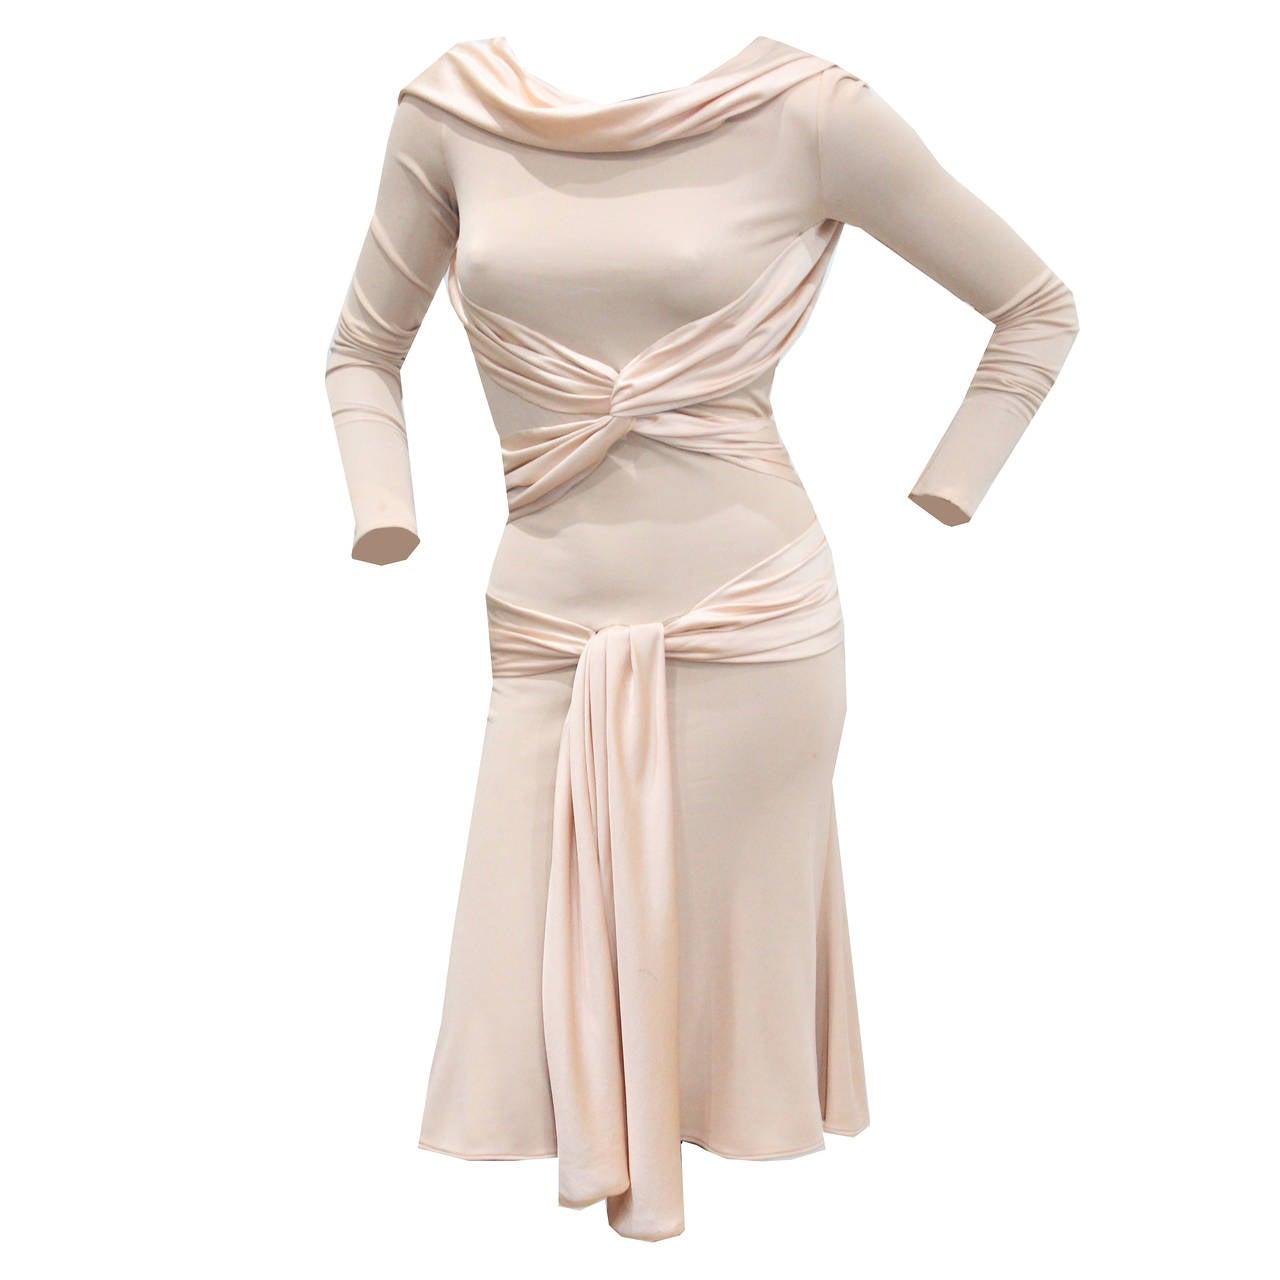 An Alexander McQueen oyster pink jersey Goddess gown